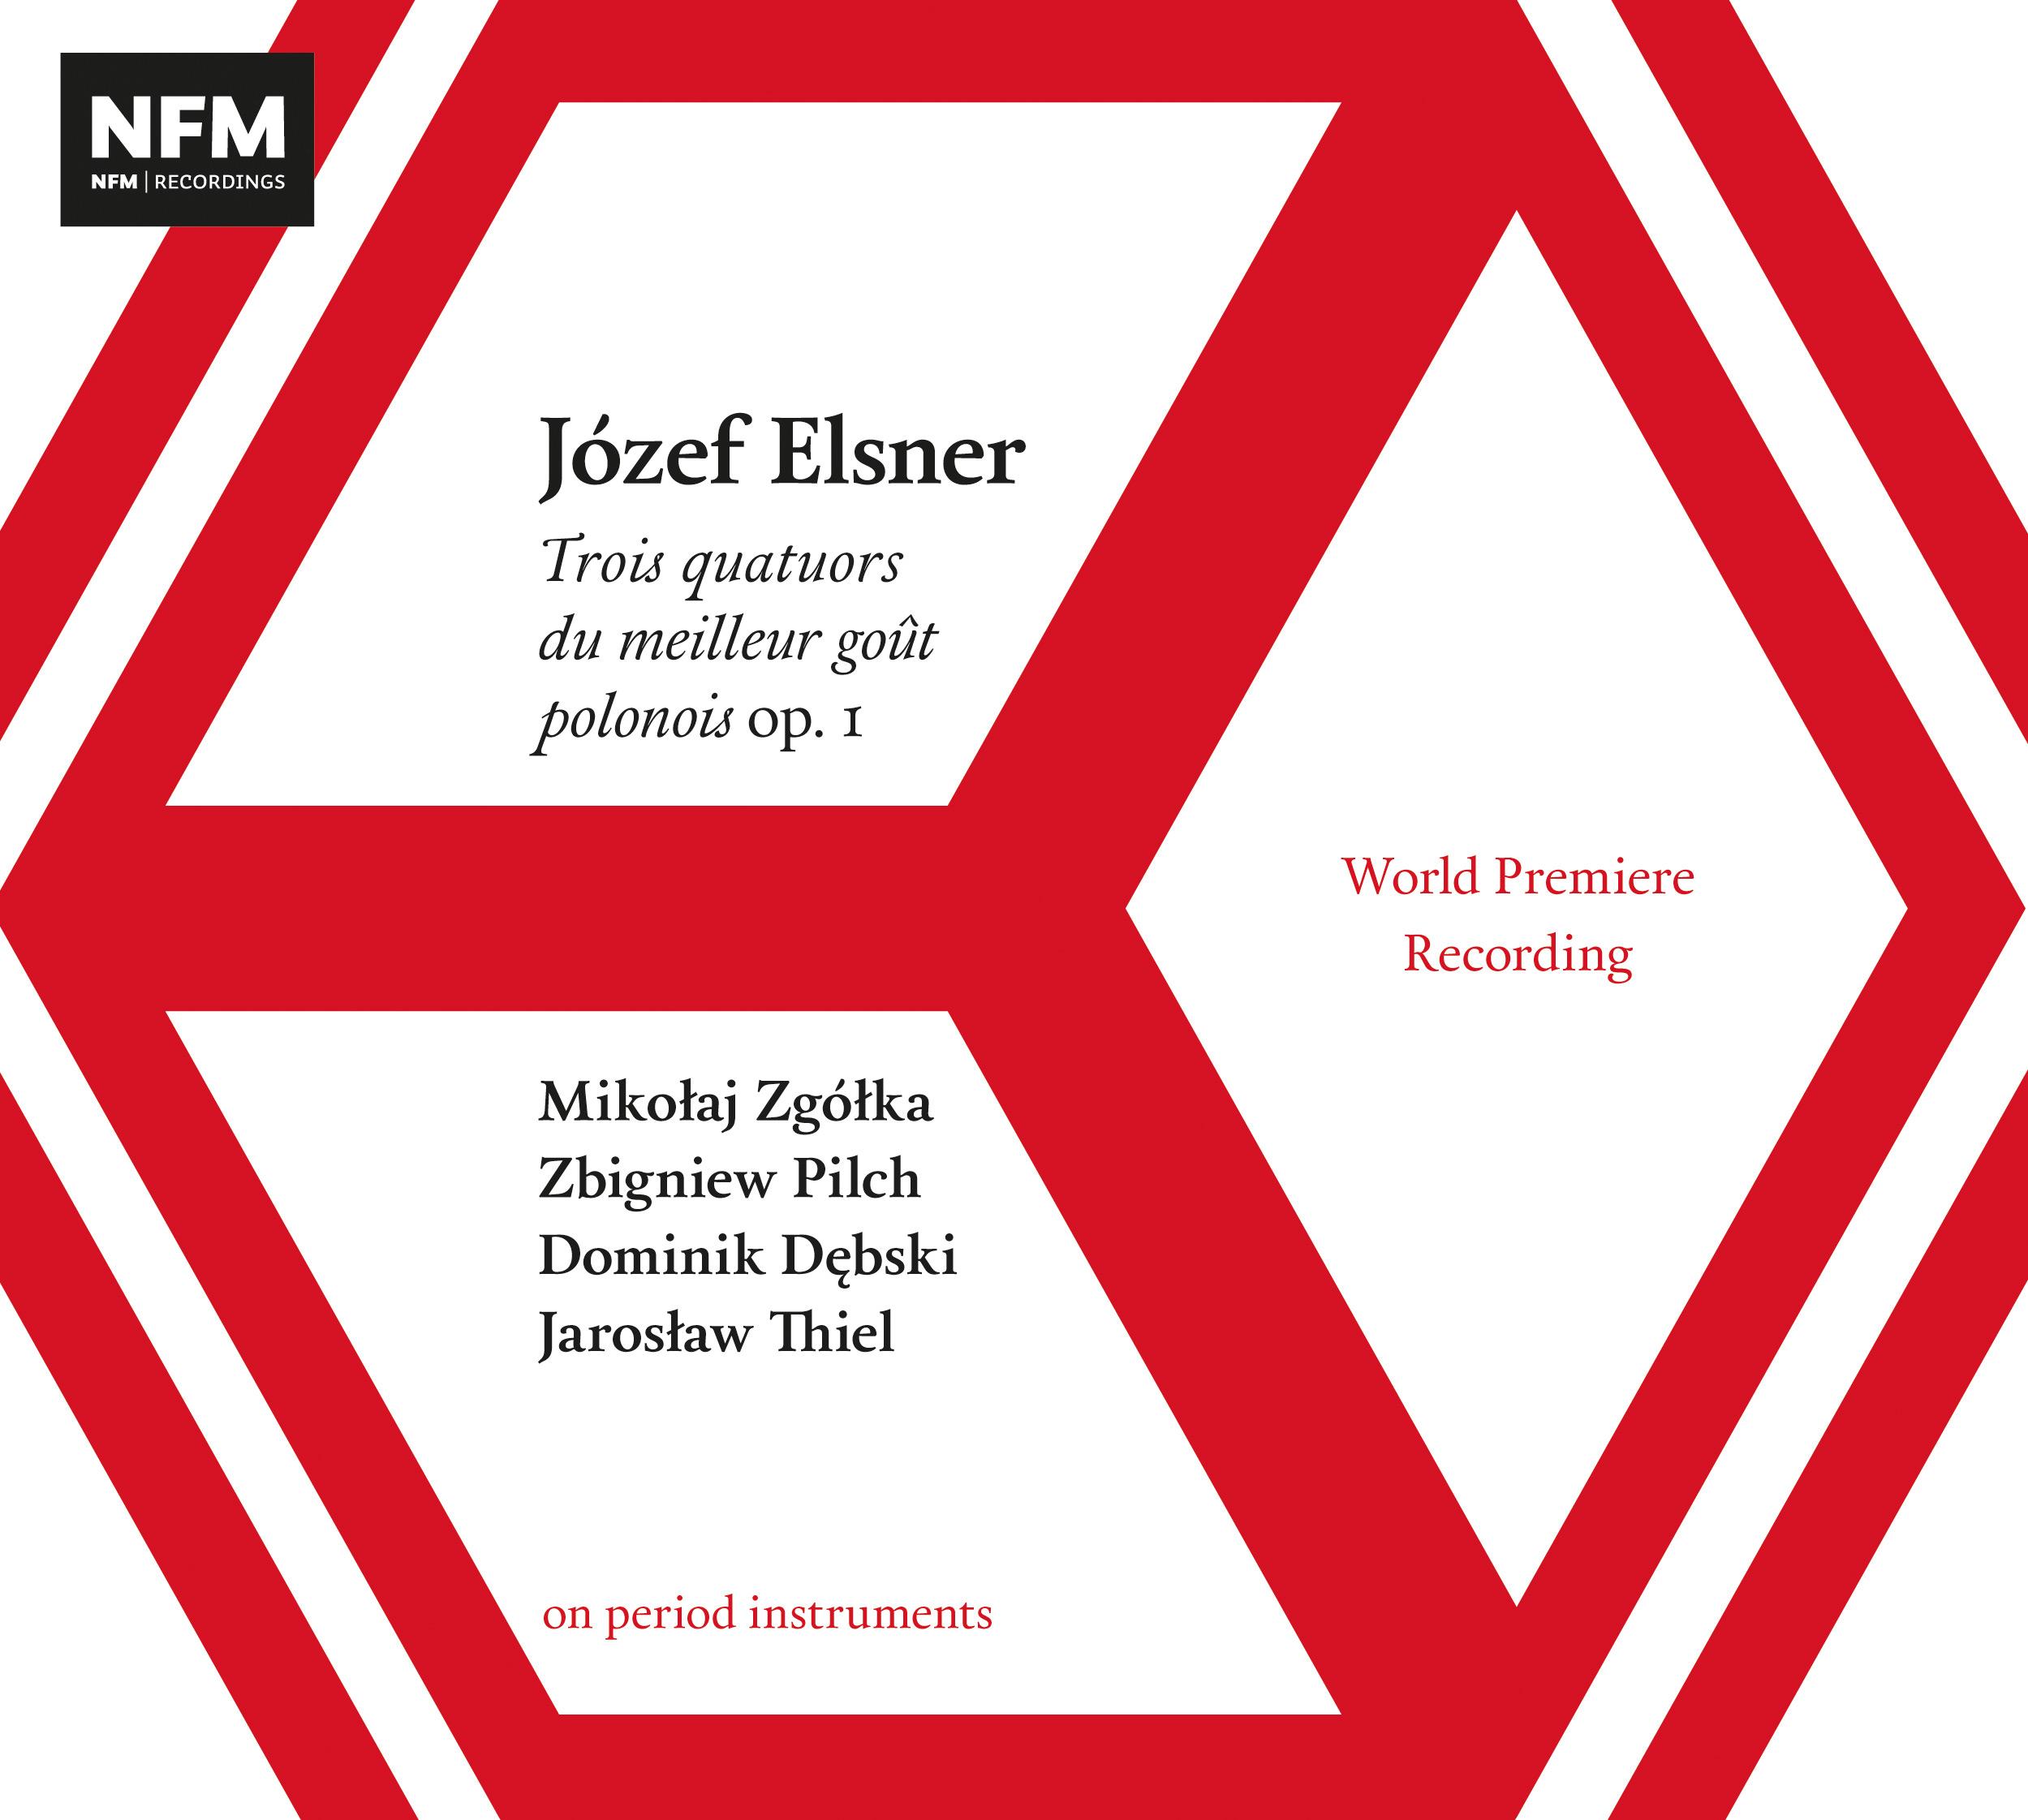 Józef Elsner – Trois quatuors du meilleur goût polonois op. 1